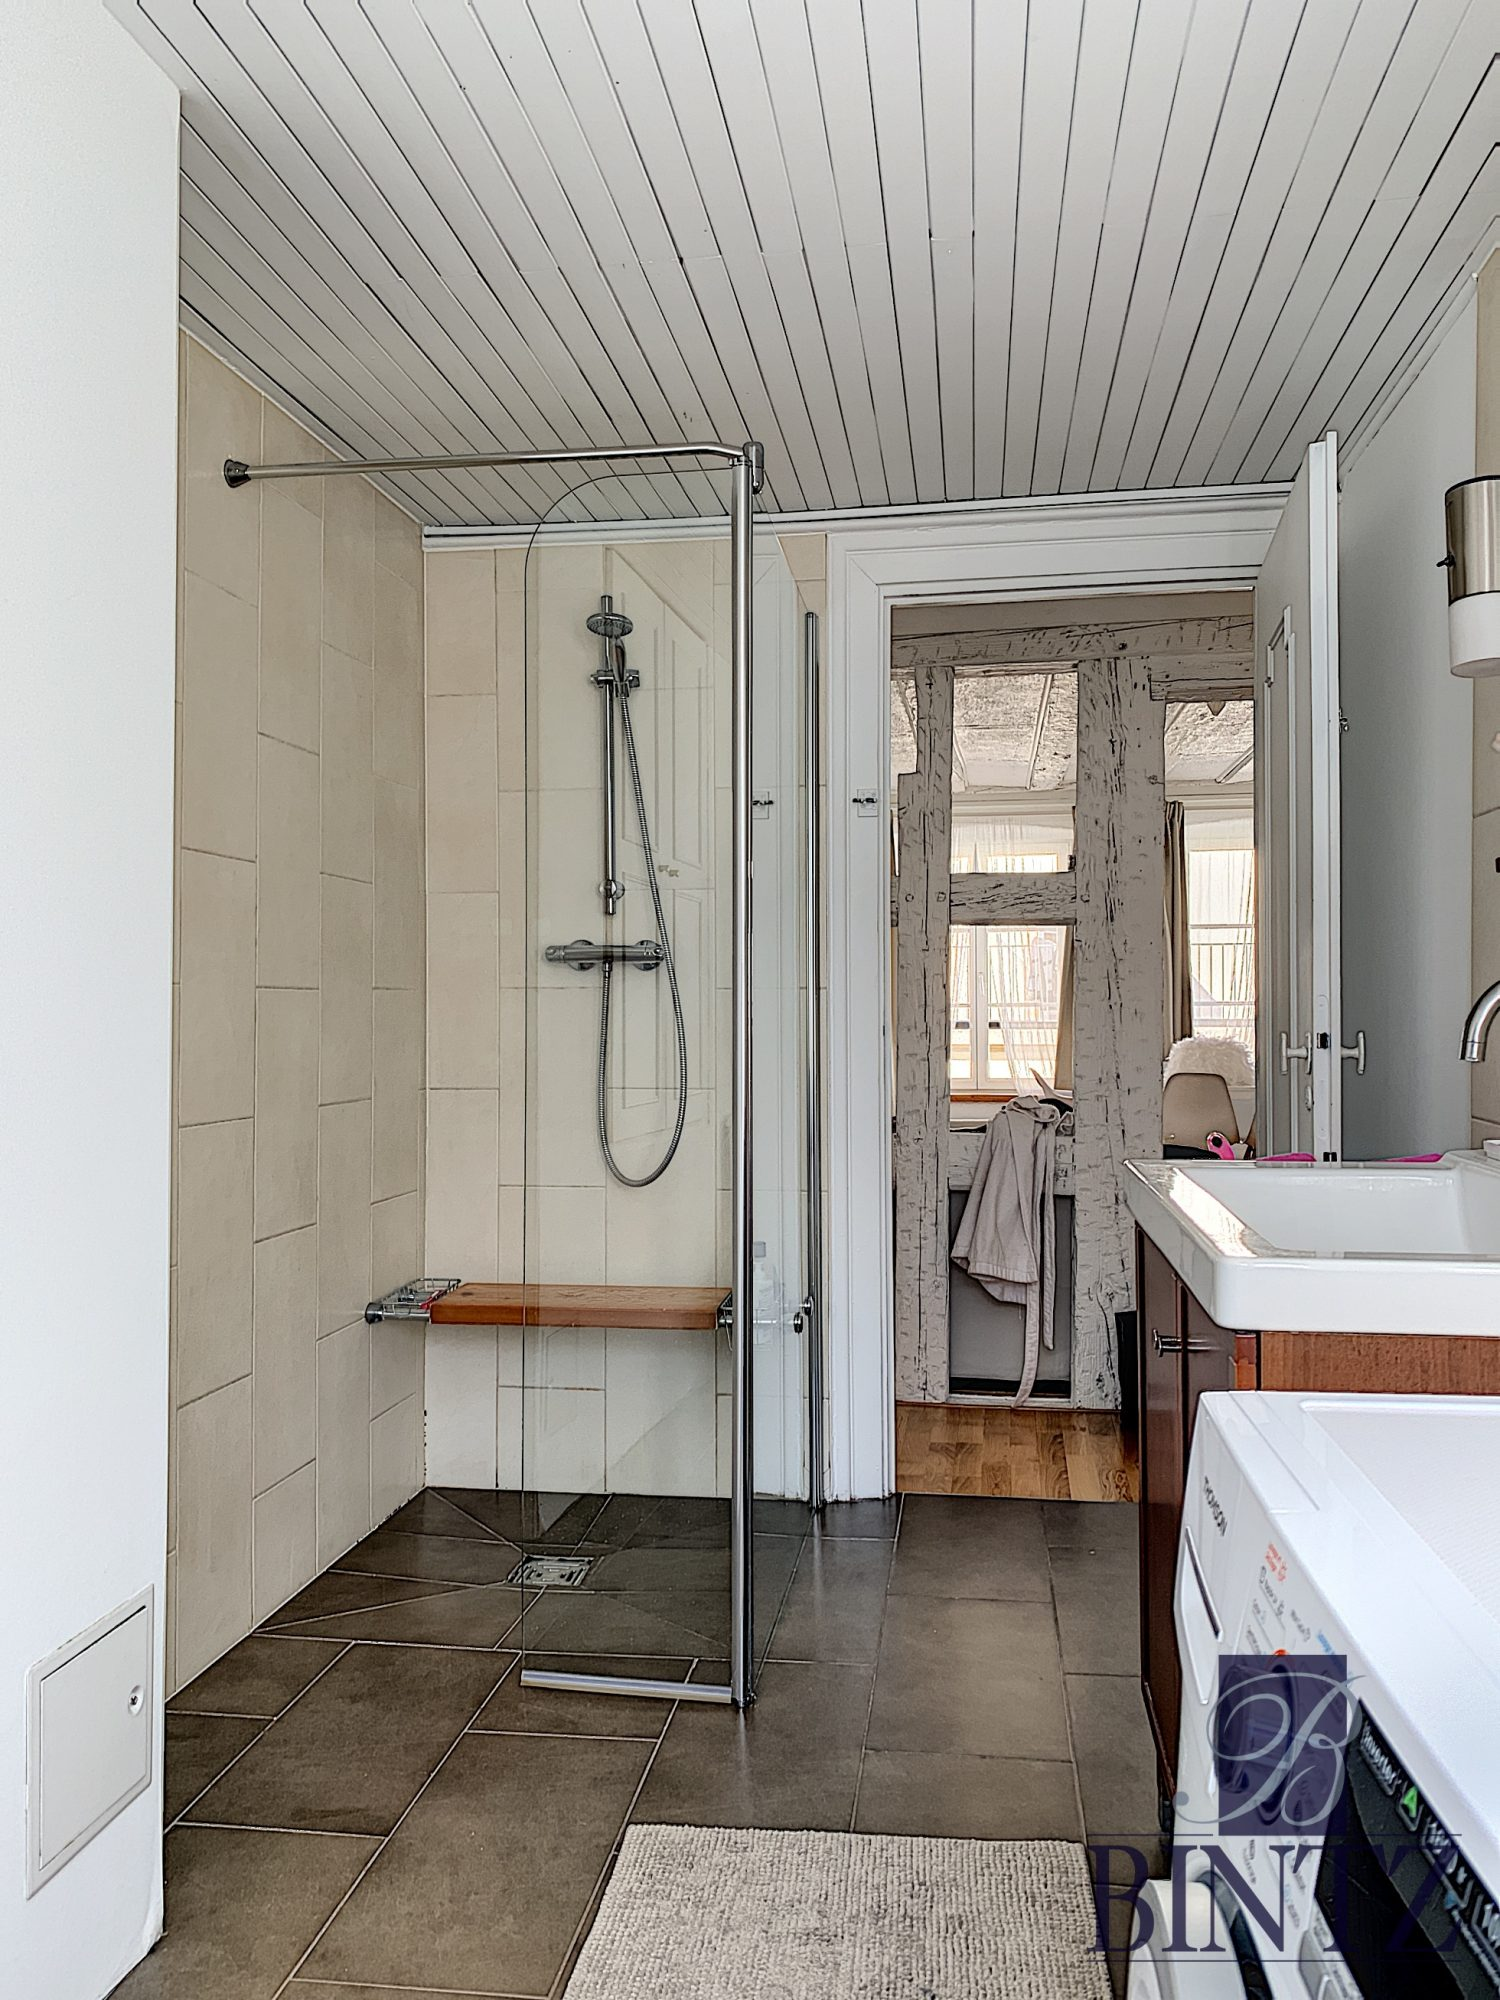 Appartement meublé 2 pièces hyper-centre - Devenez locataire en toute sérénité - Bintz Immobilier - 6